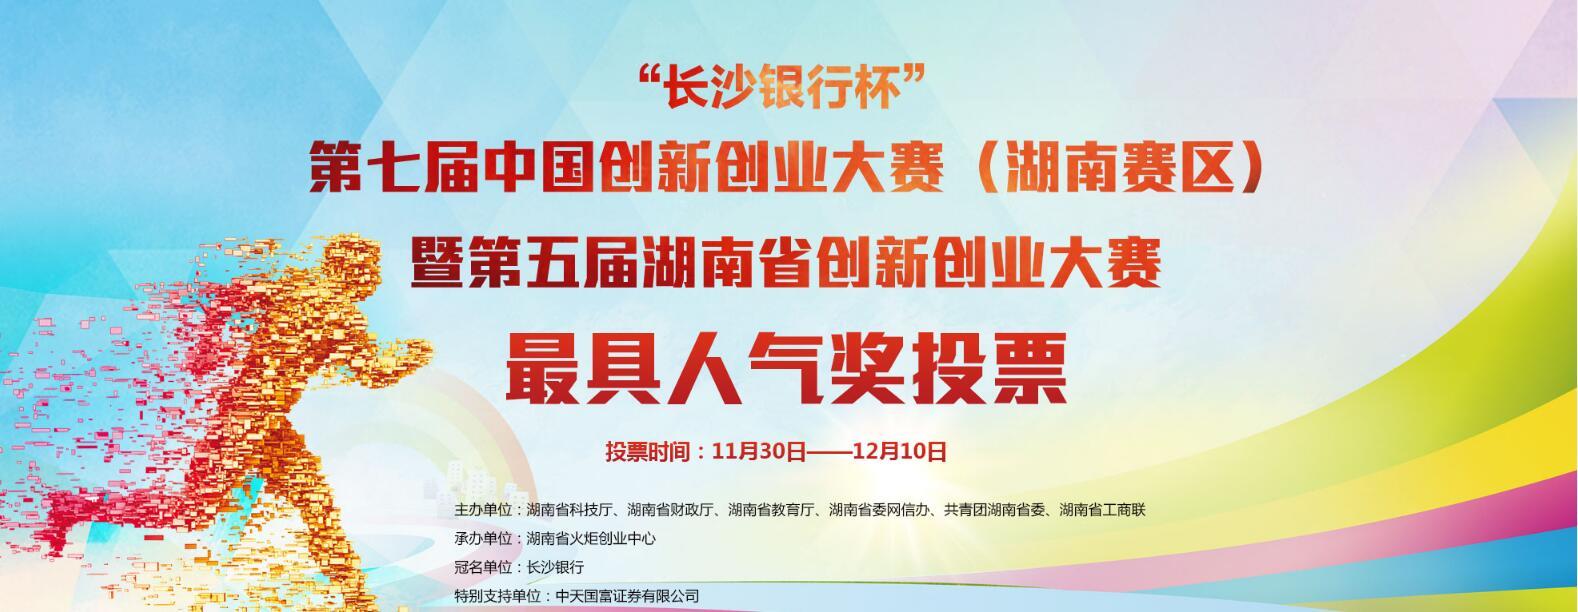 """""""长沙银行杯""""第七届中国创新创业大赛(湖南赛区)最具人气奖投票"""